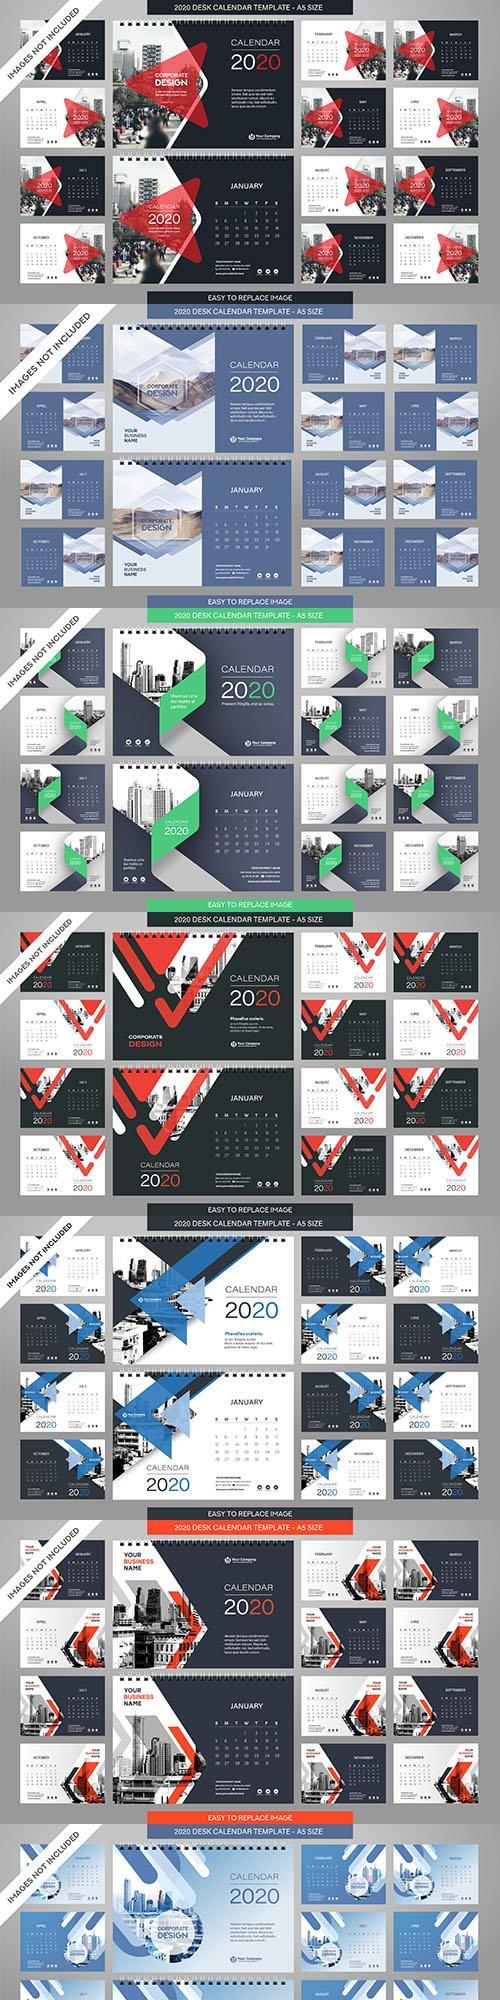 Desktop contemporary calendar 2020 all 12 months complete